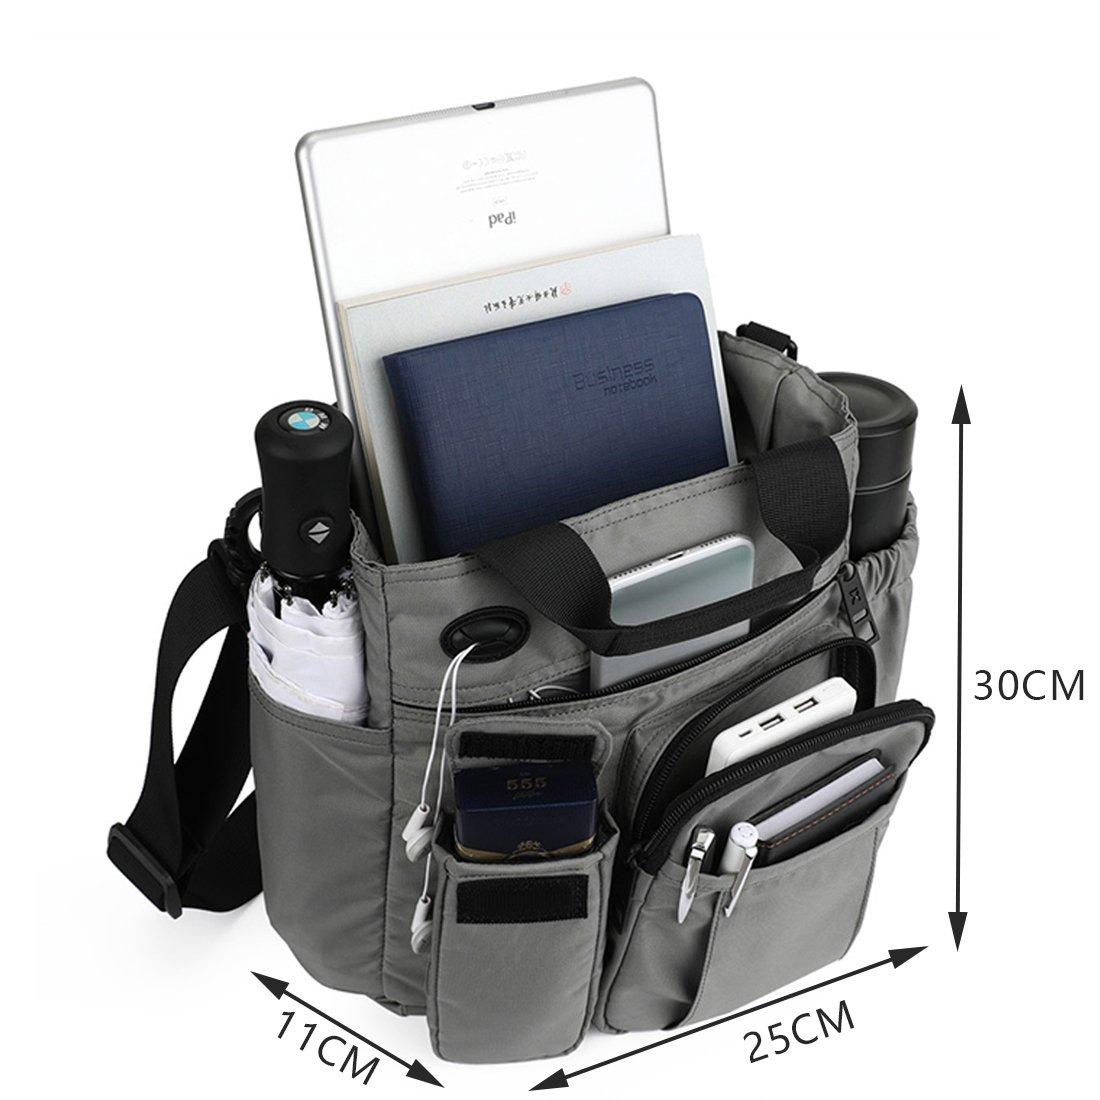 APHYC Borsa Da Uomo Messenger Bag Borsa A Tracolla Zaino Outdoor 30 * 25 * 11Cm Business//Valigetta Per Studenti//Impiegati 2 Scelte Di Colore H * L * W